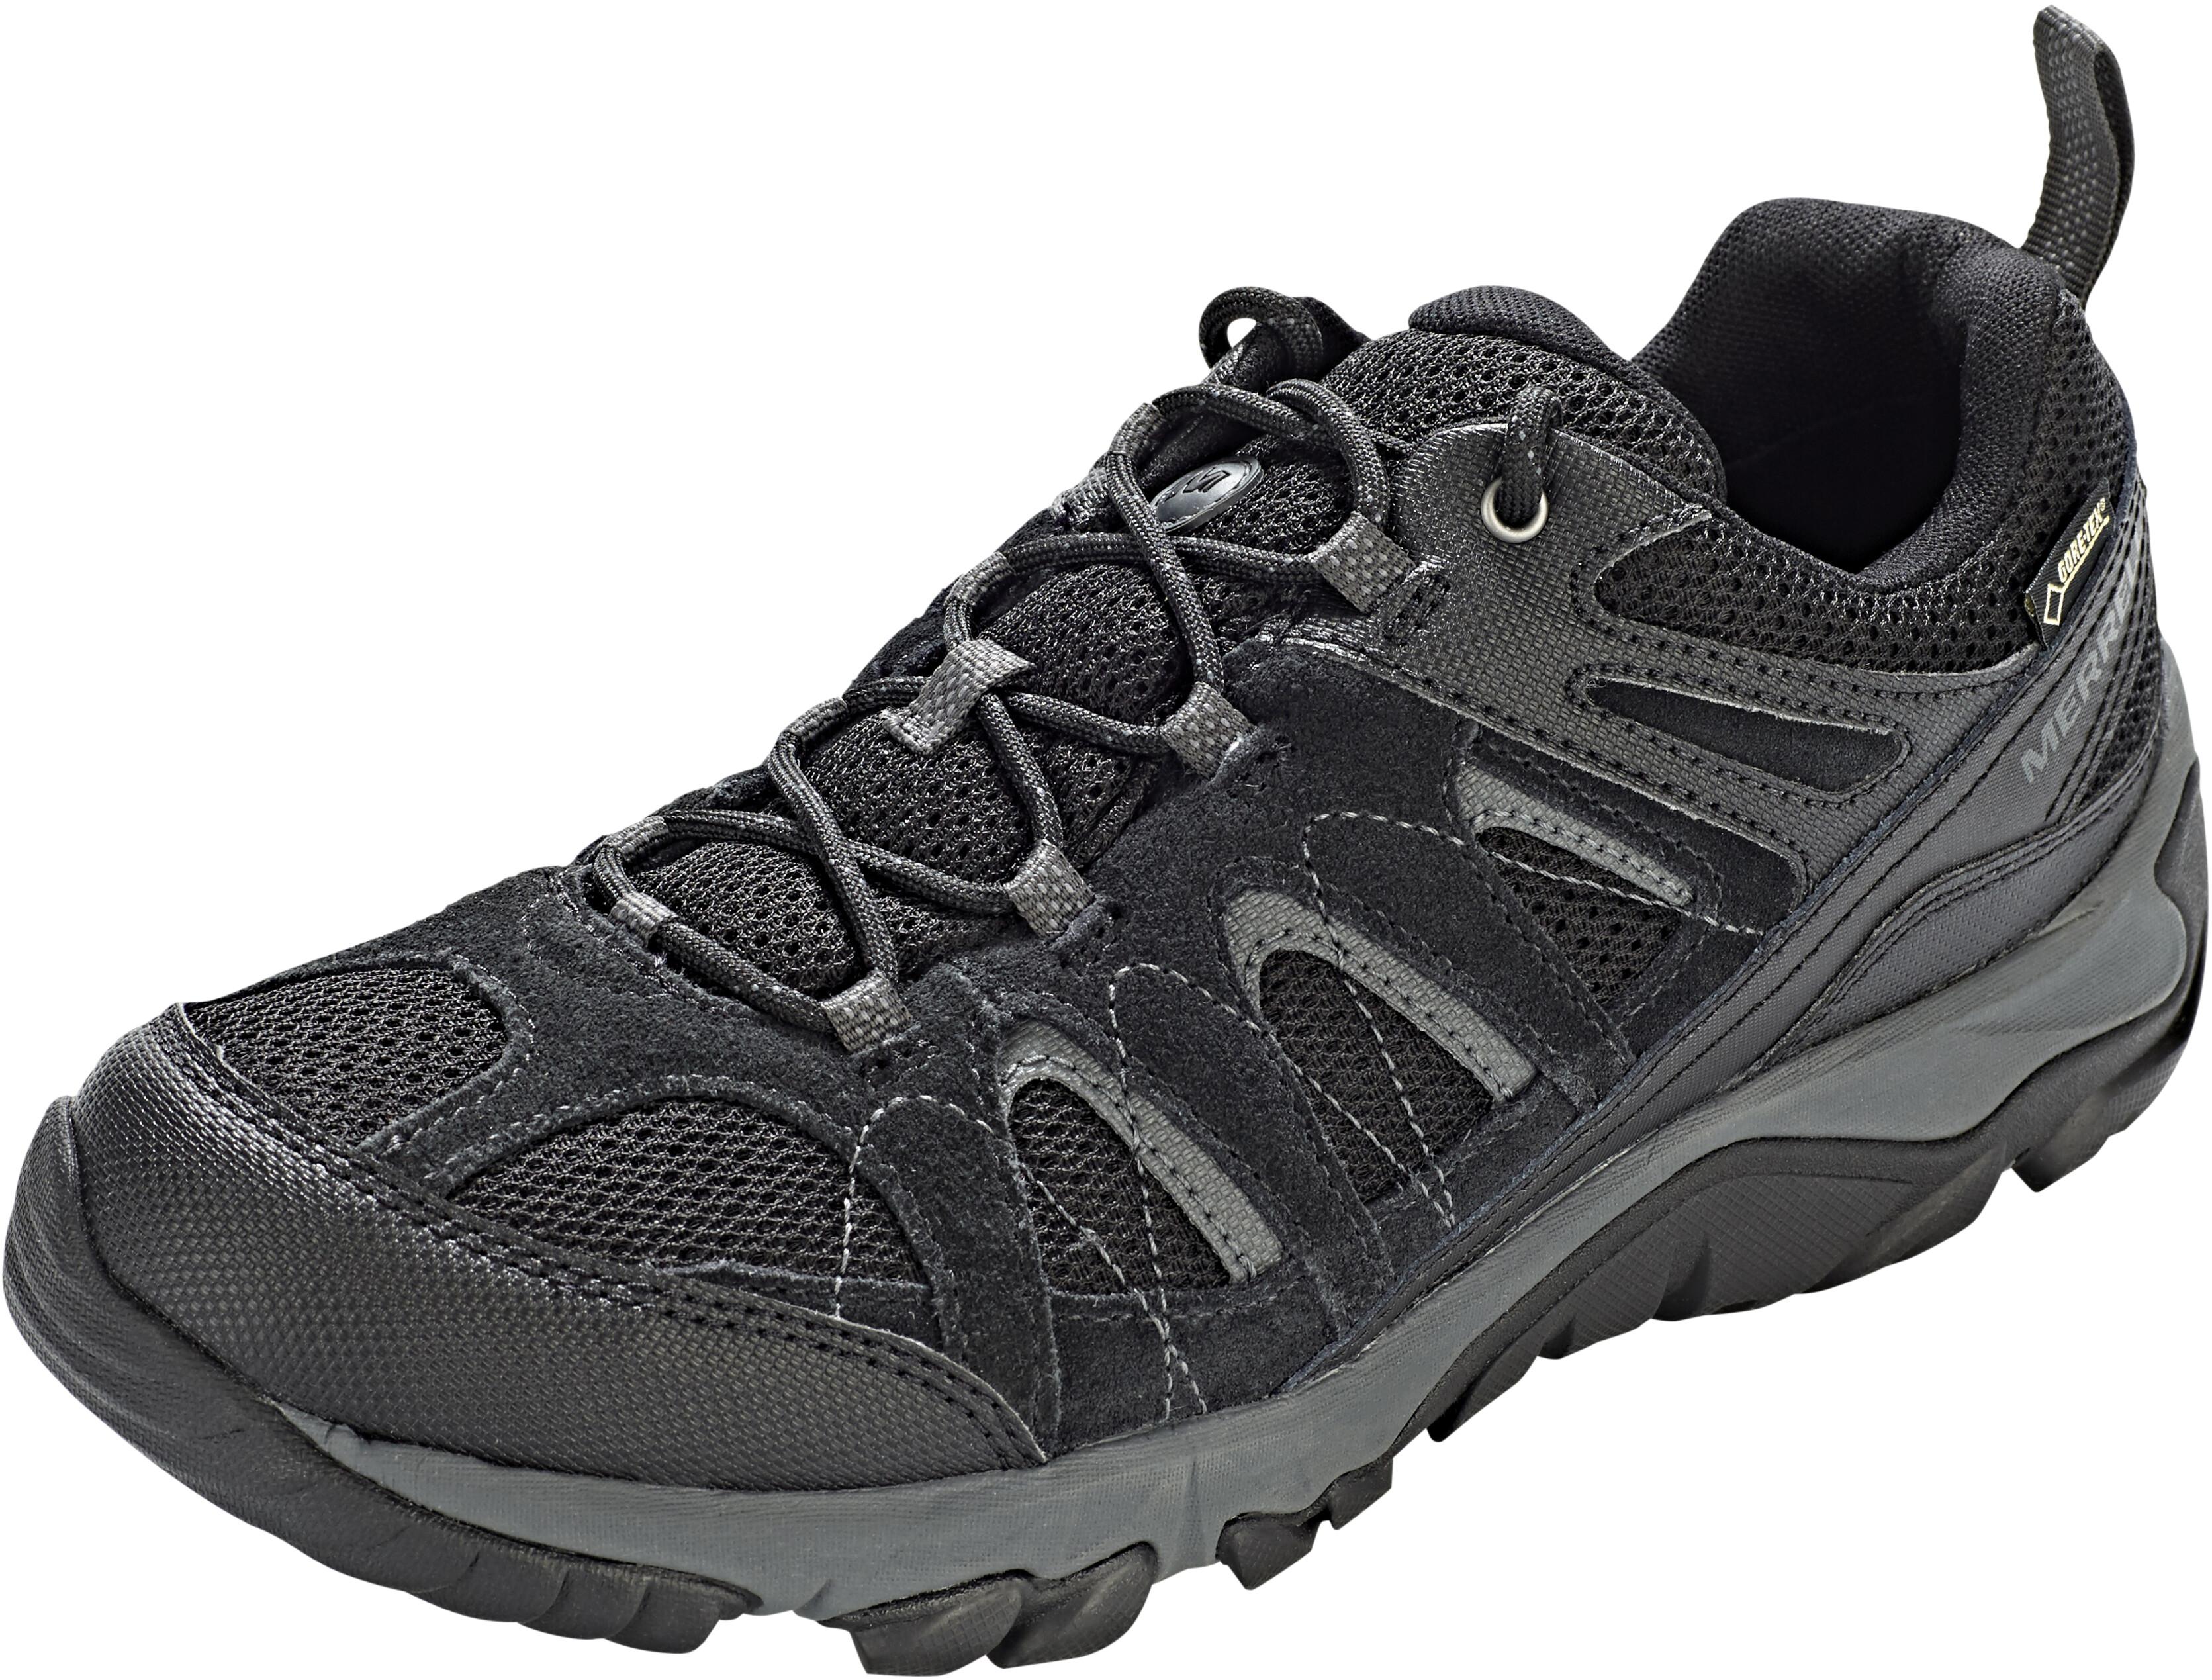 Merrell Outmost Vent GTX - Chaussures Homme - noir sur CAMPZ ! 0d1fe5d2191